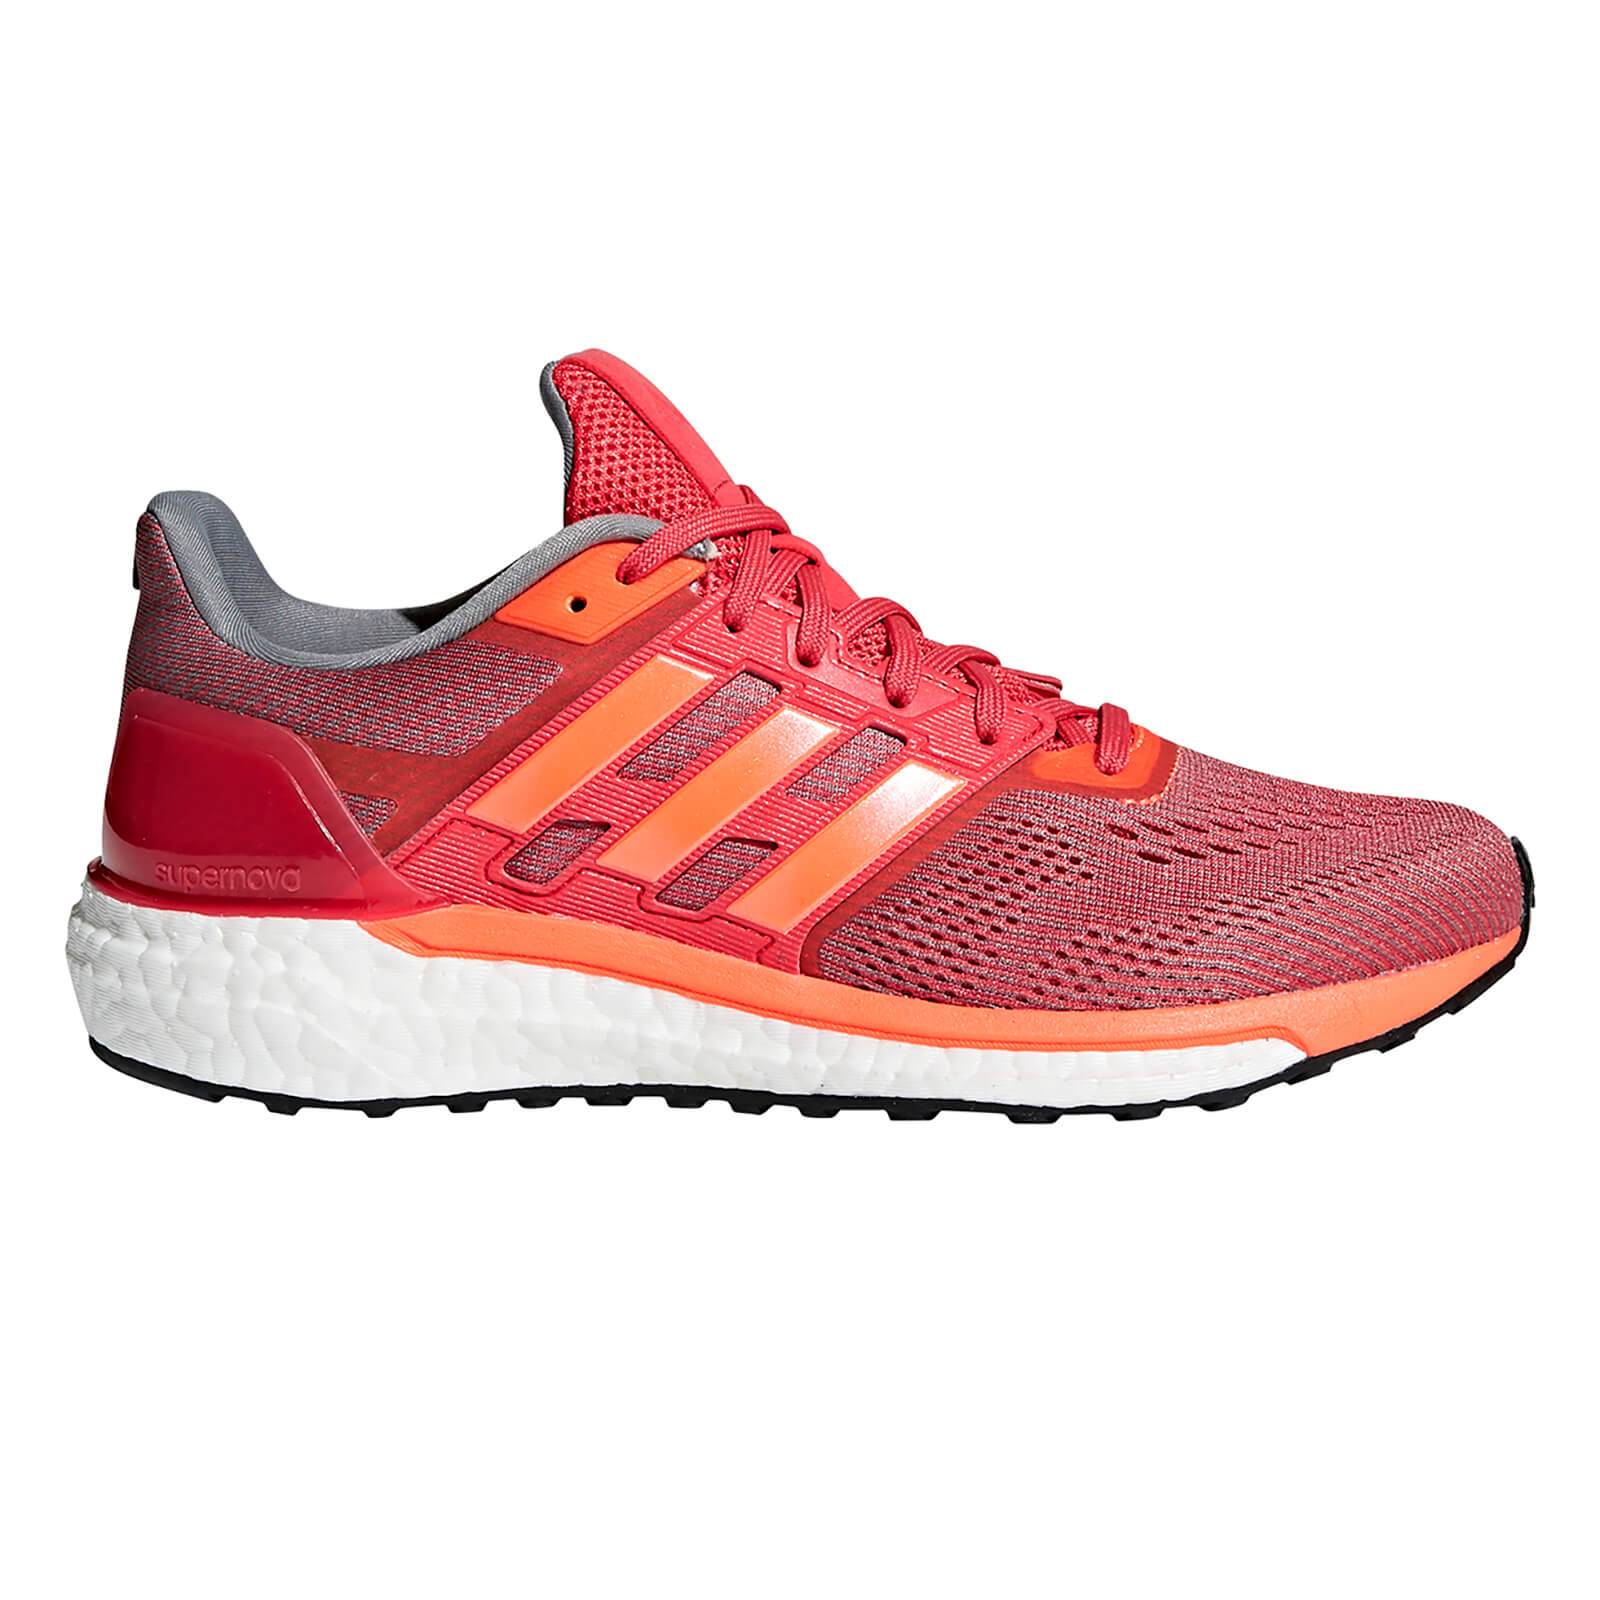 adidas Women's Supernova Running Shoes - Orange/Red - US 5.5/UK 4 - Orange/Red